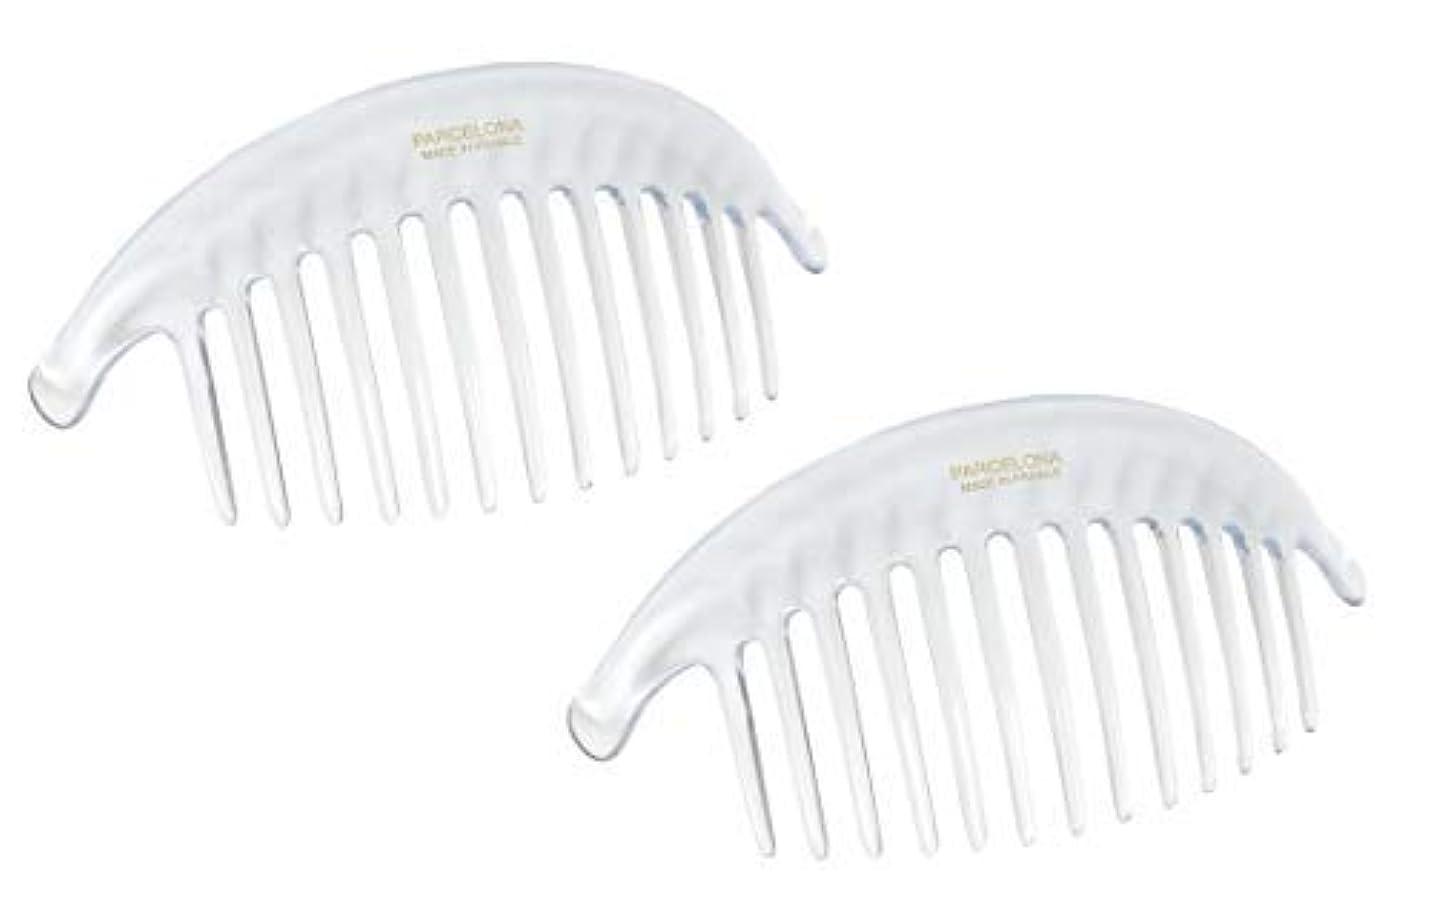 に対応する更新する十年Parcelona French Alice Large Set of 2 Clear 13 Teeth Celluloid Acetate Interlocking Side Hair Combs [並行輸入品]